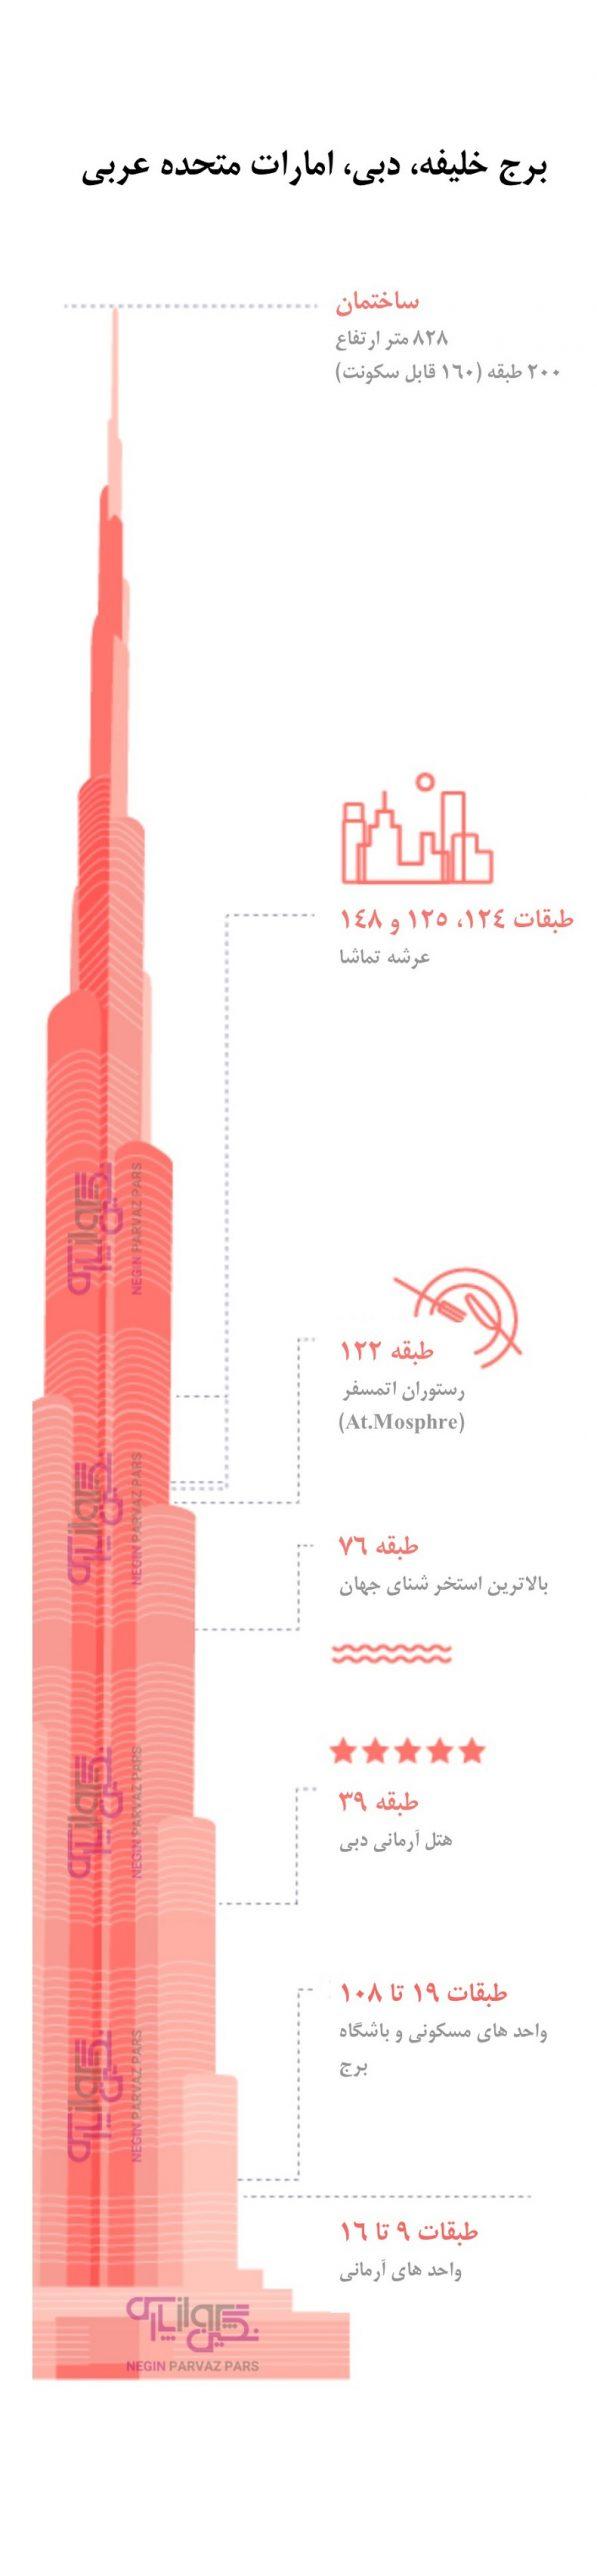 مشخصات برج خلیفه دبی